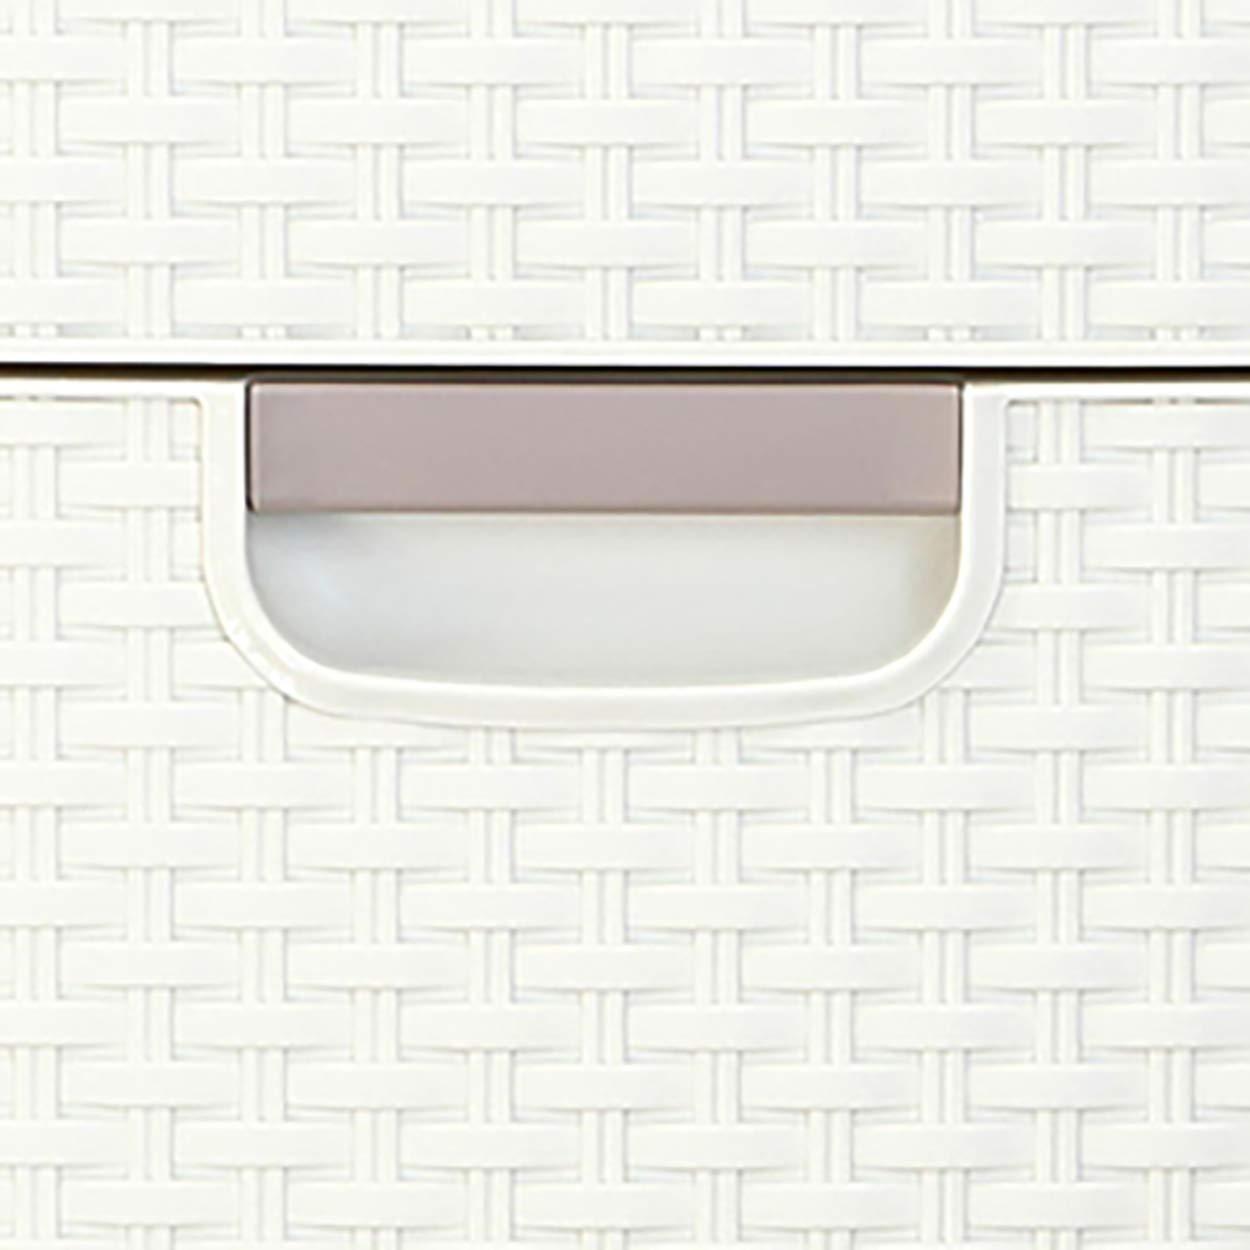 Curver - Cajonera Style de 3 Cajones 14L, Patas, Color Blanco